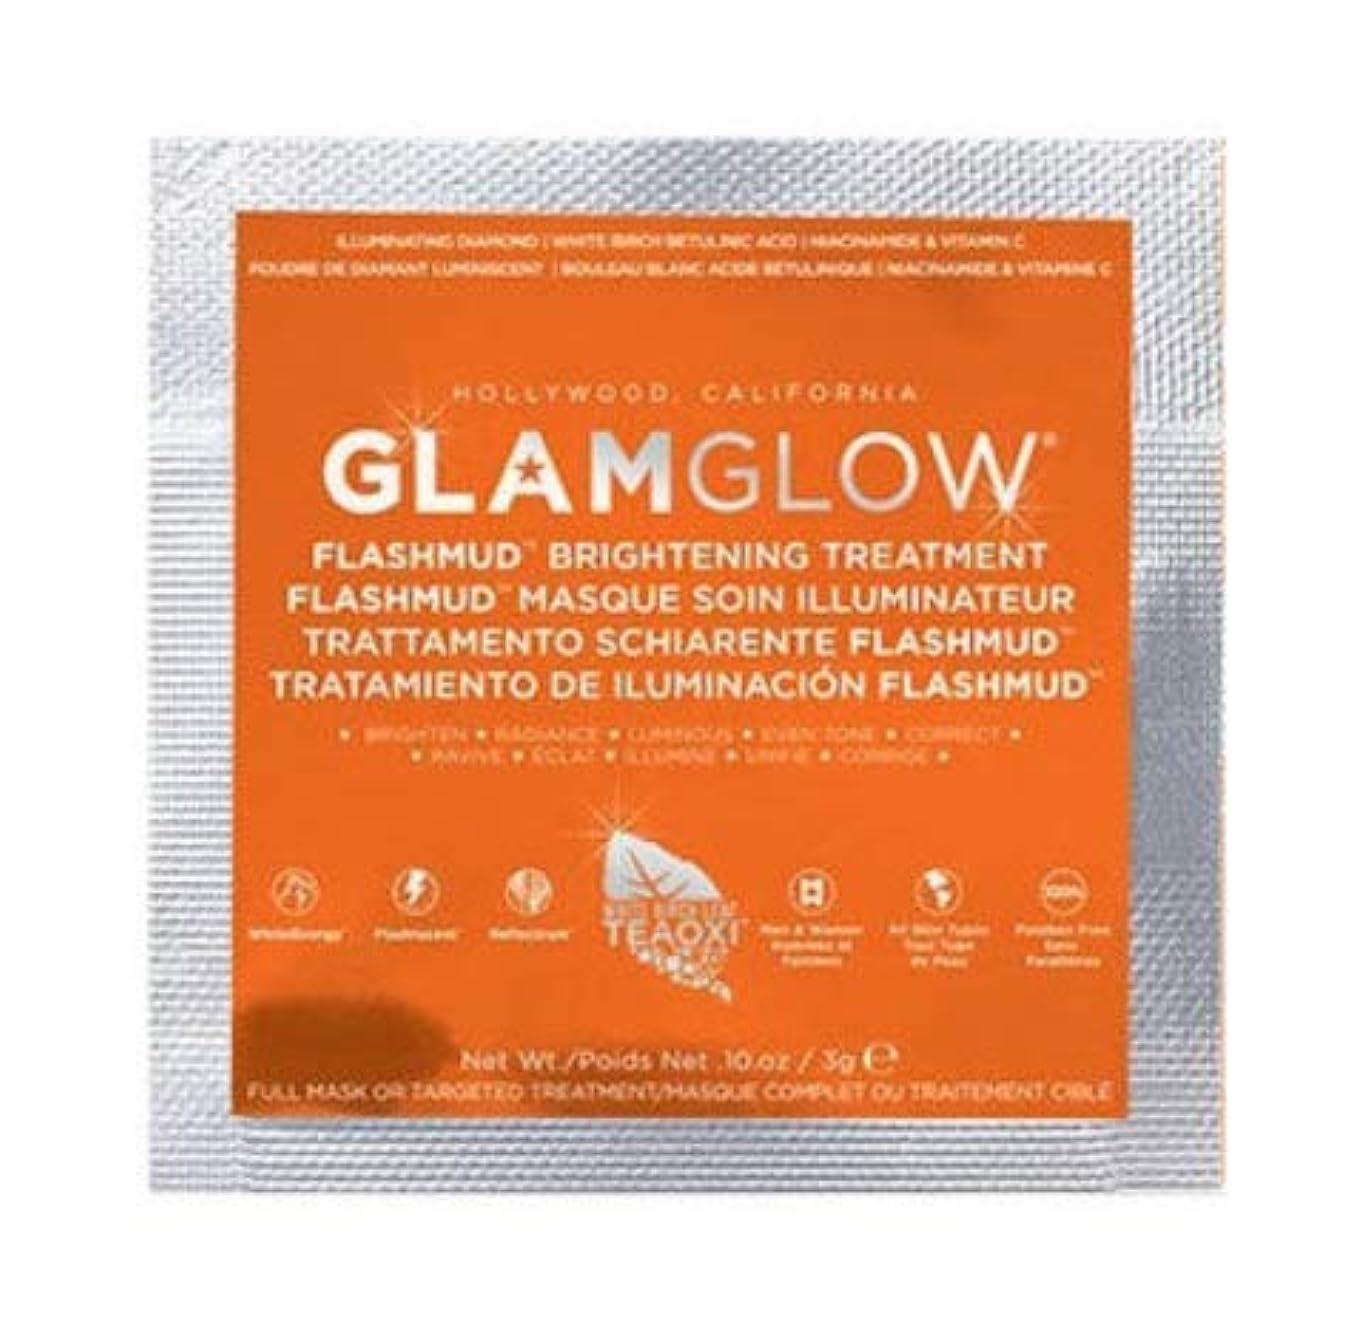 出発何もないある【サンプルサイズ】グラムグロウ (GLAMGLOW) FLASHMUD 3g (1回分) [並行輸入品]